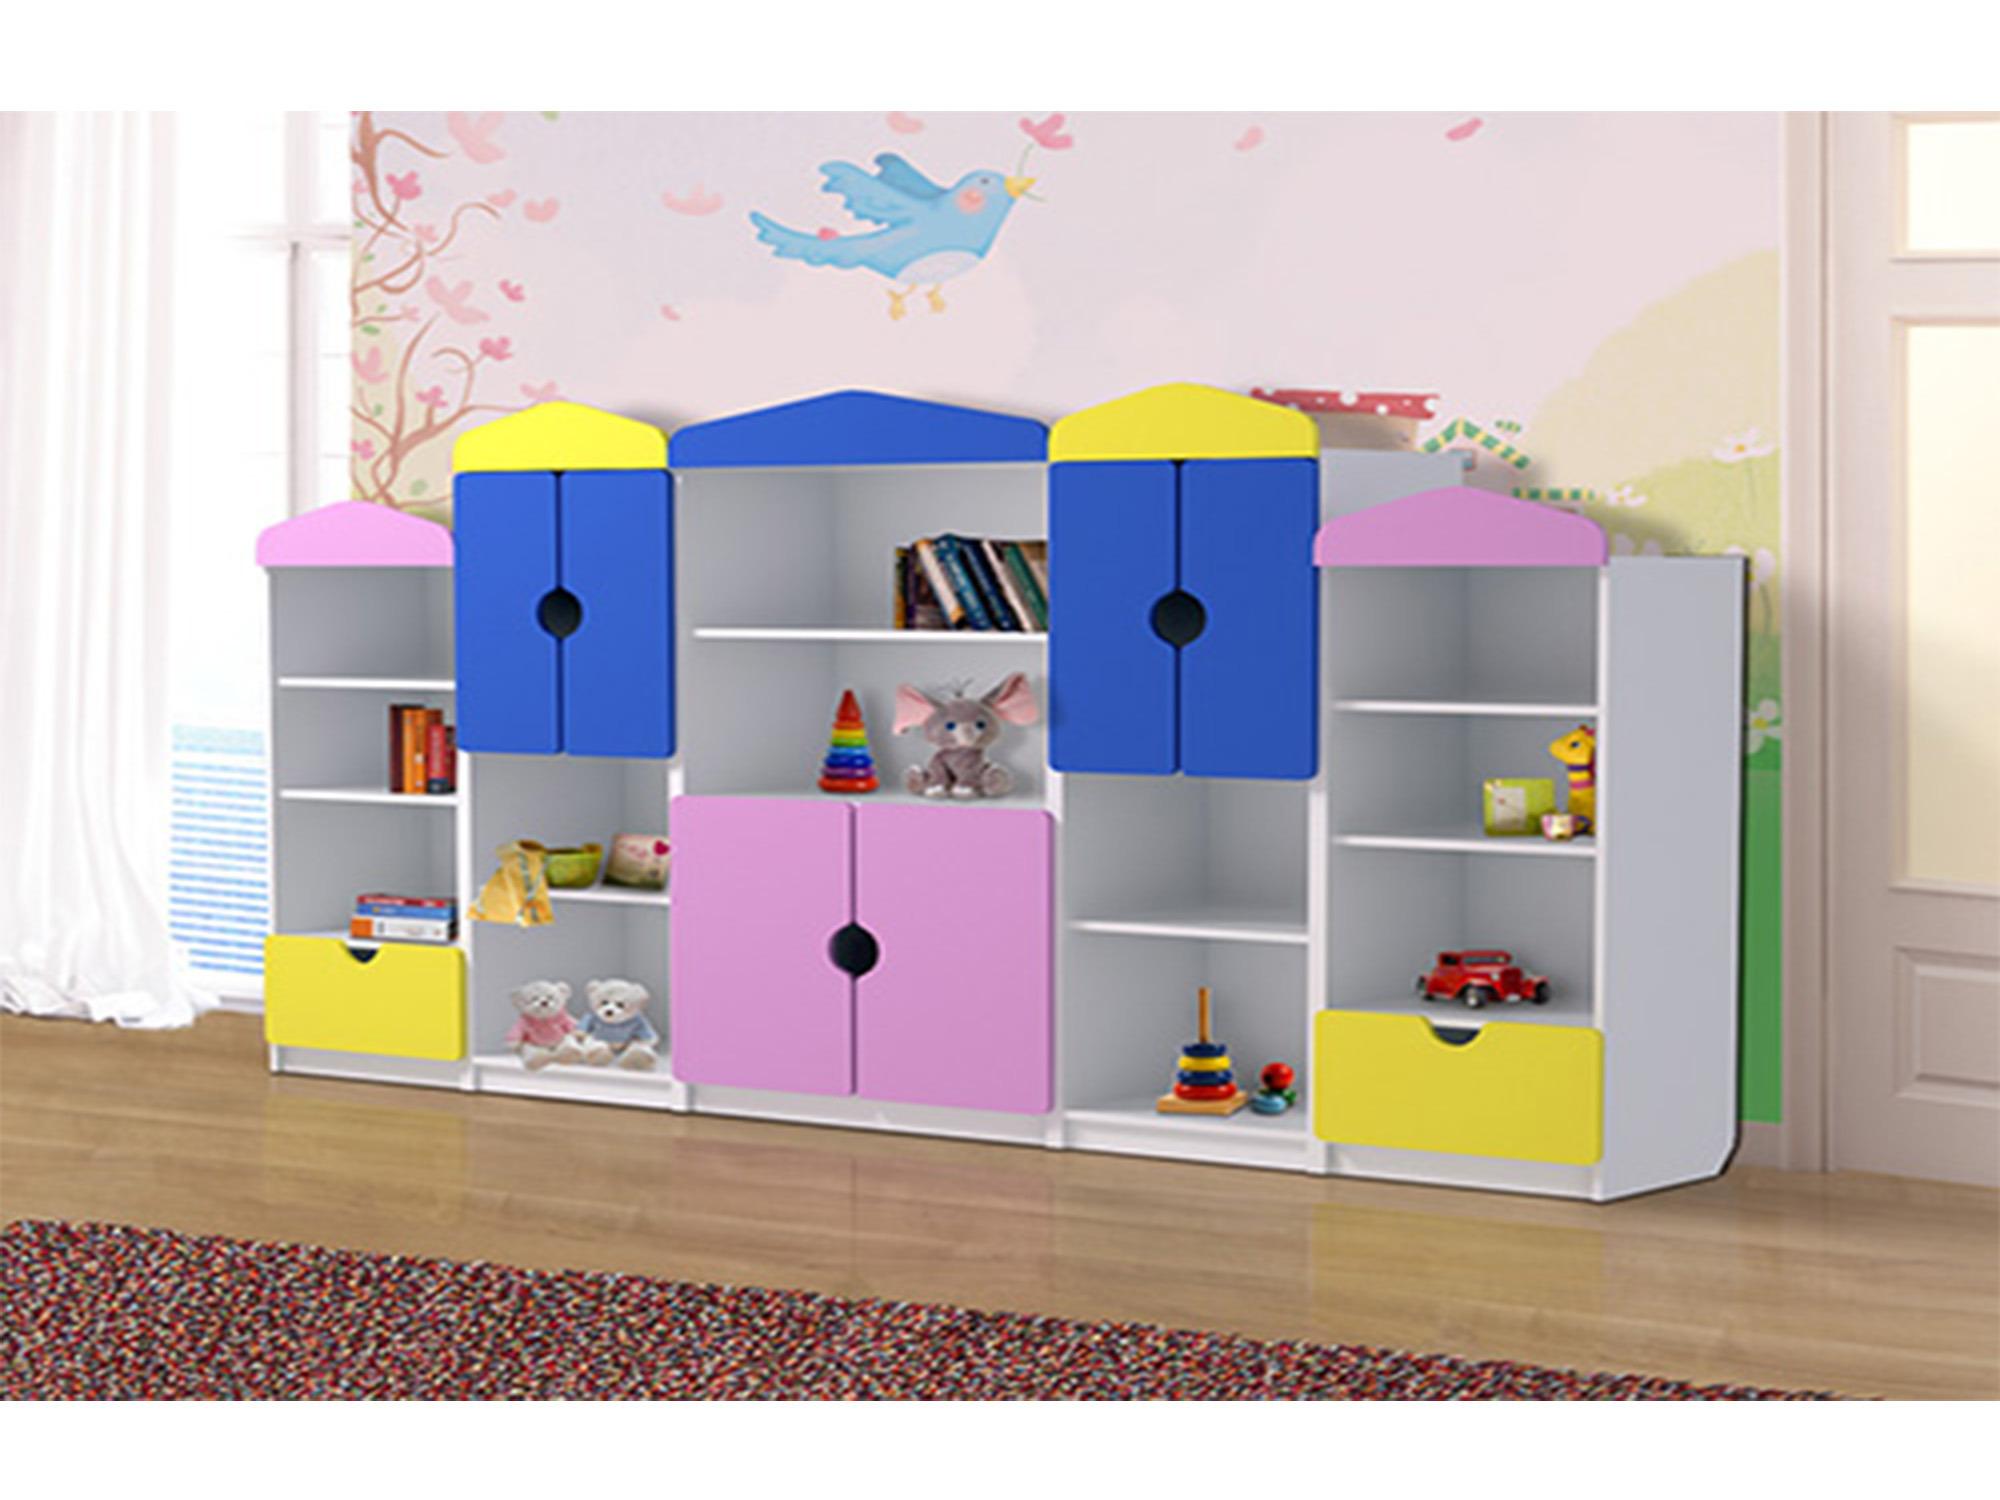 Мебельный блок для игрушекДетские стеллажи и полки<br><br><br>Длина мм: 1510<br>Высота мм: 1100<br>Глубина мм: 420